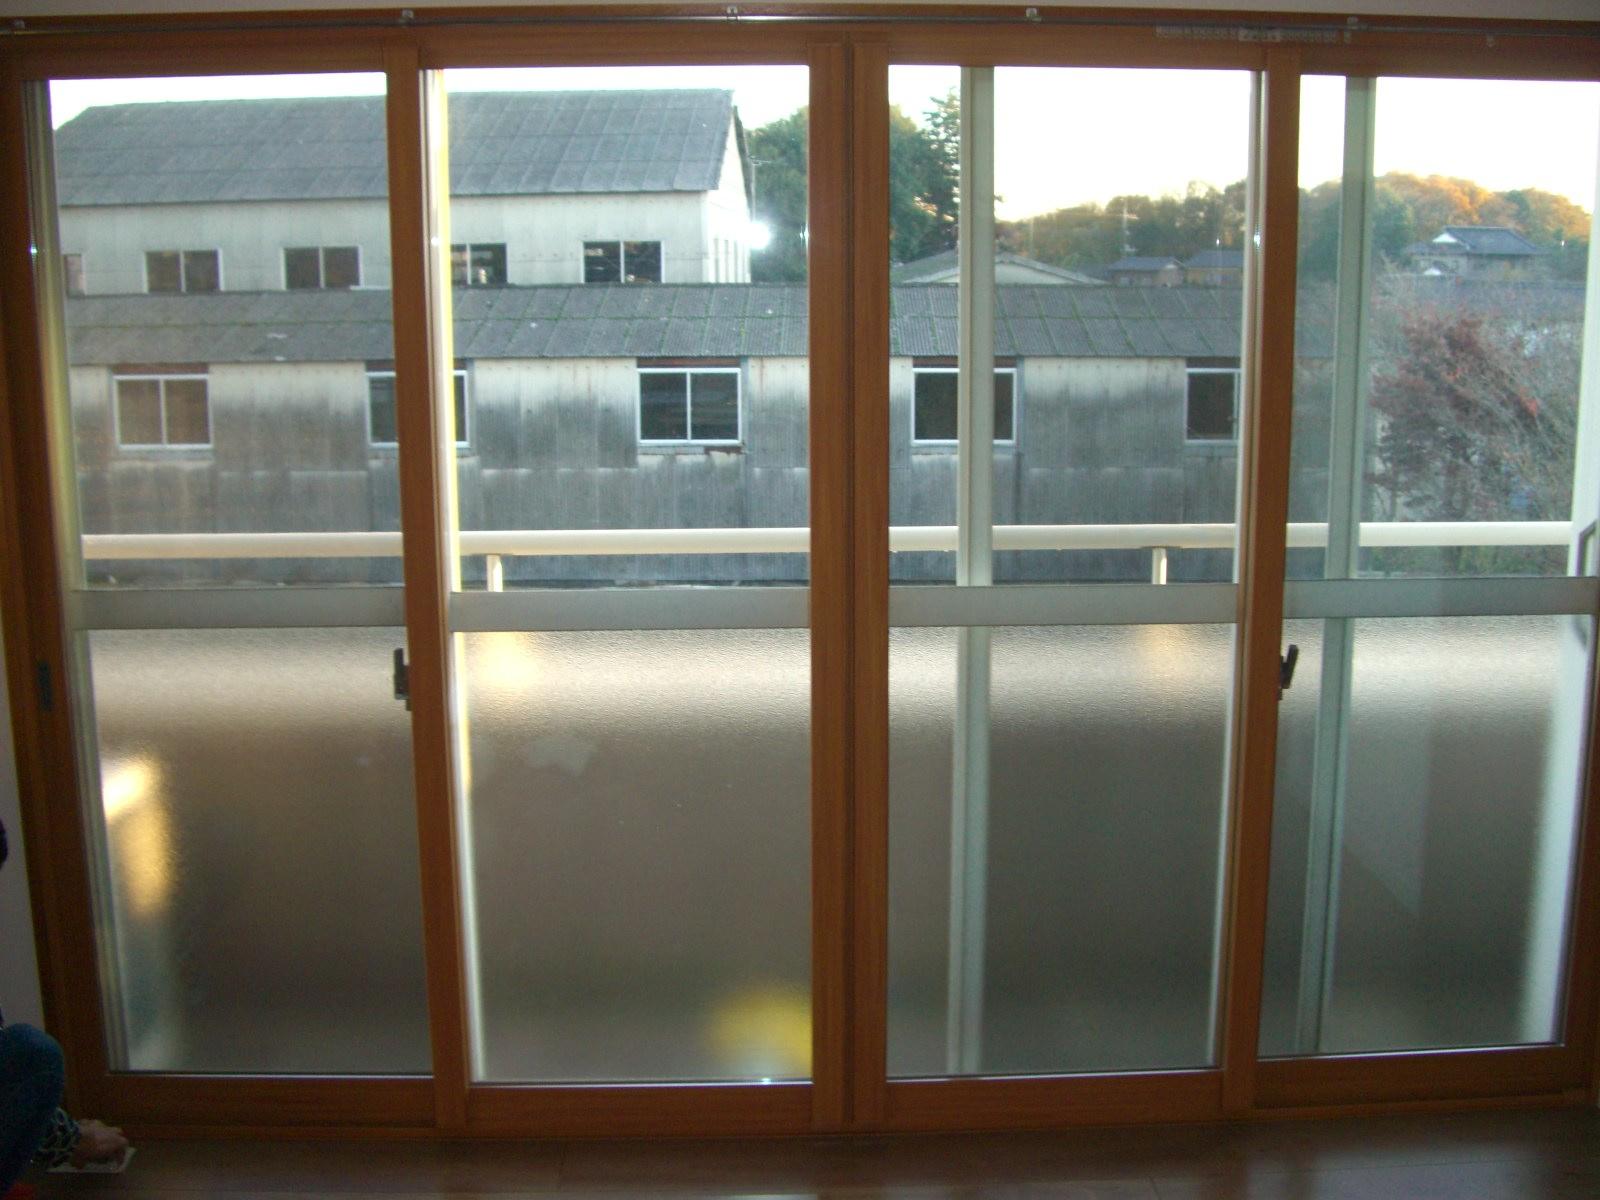 2Fの寝室を和室から洋室にリフォーム。<br /> 掃き出しの大きな窓には内窓を取り付け、快適に過ごせるようになりました。